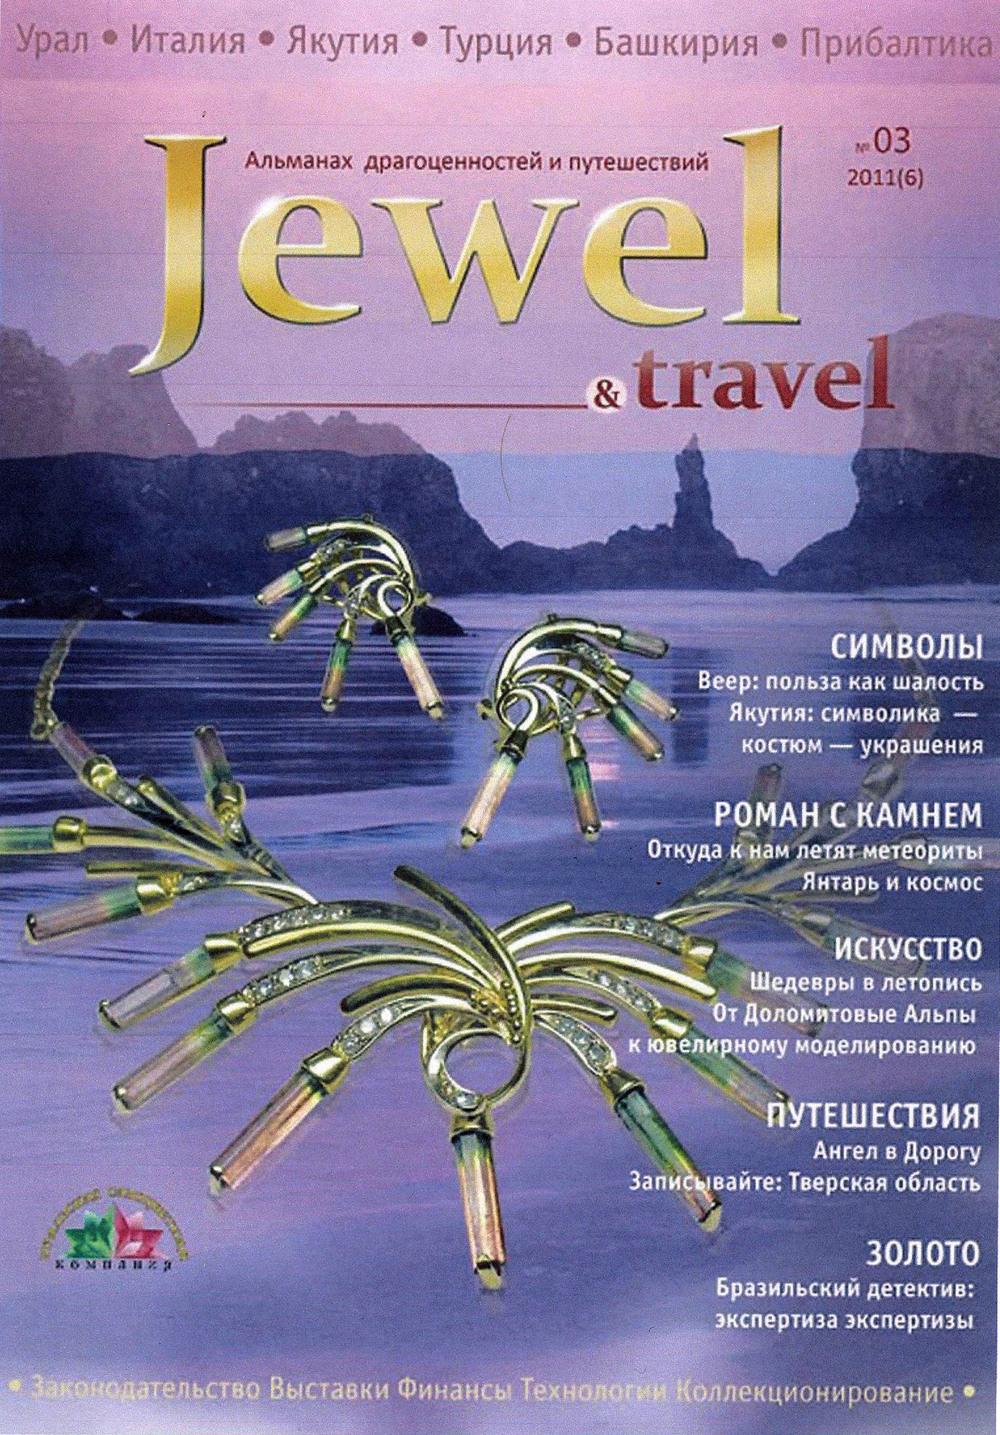 Ювелирный журнал JEWEL & TRAVEL, 2011 г.